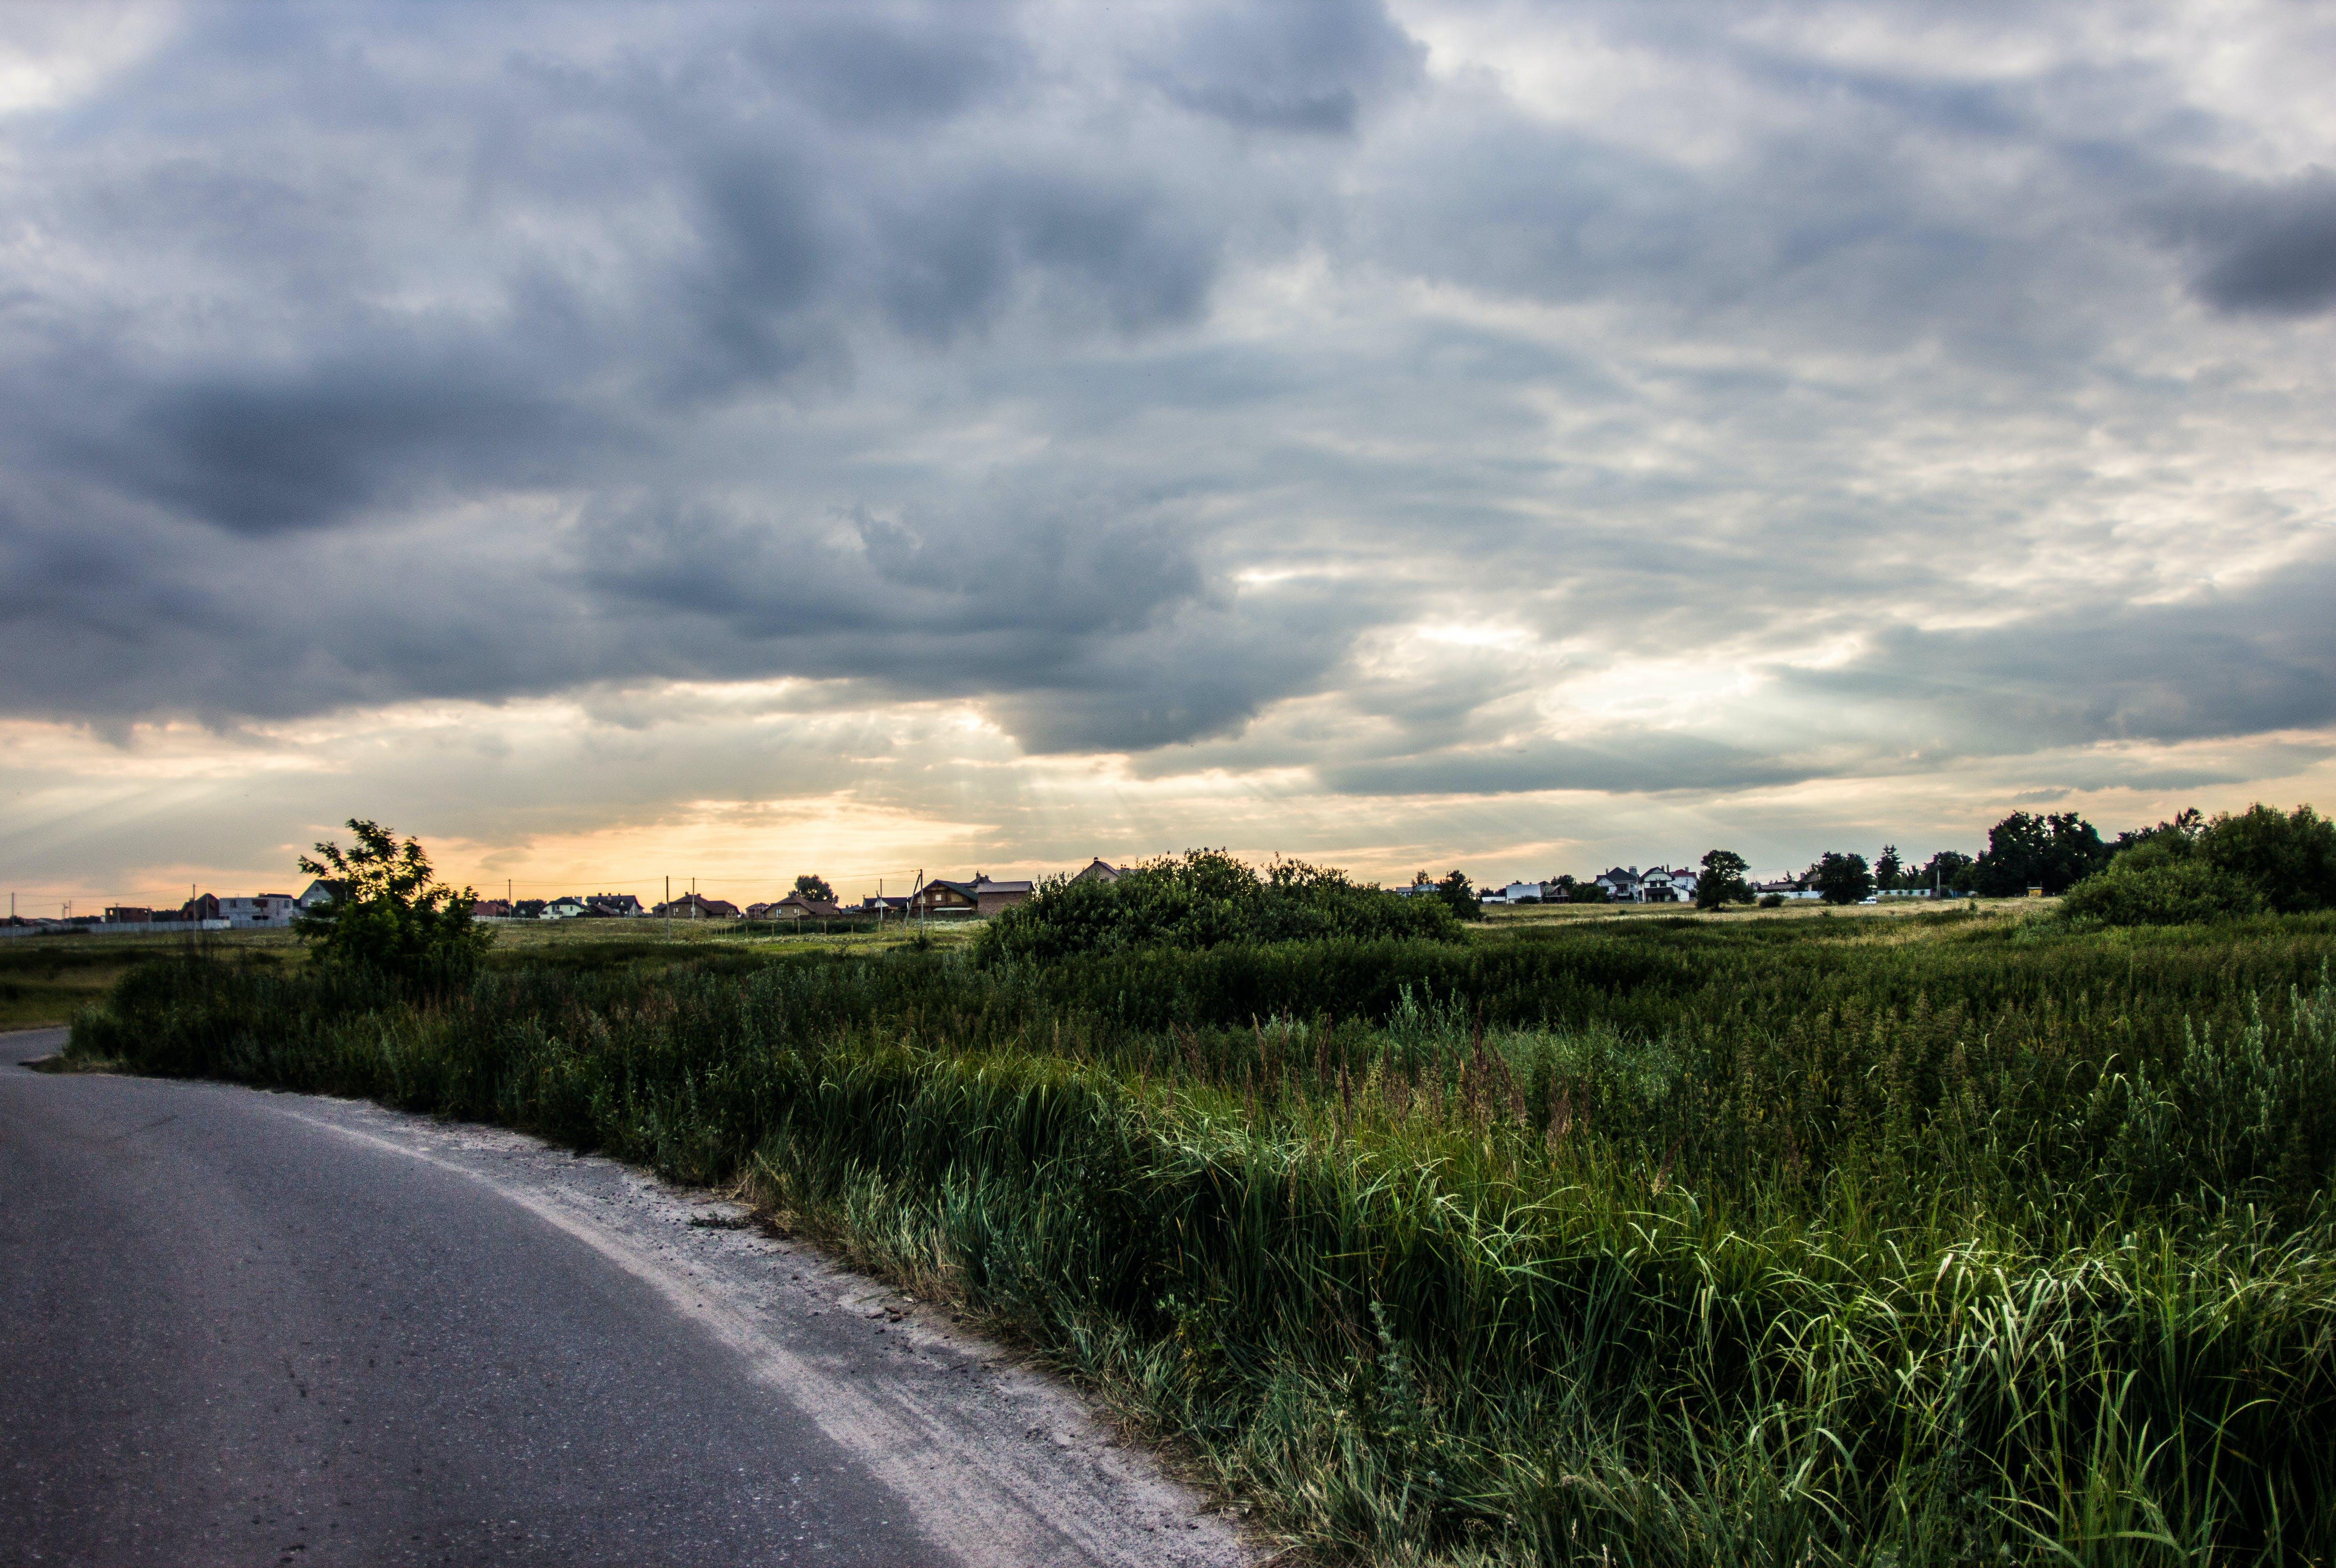 clouds, field, grass